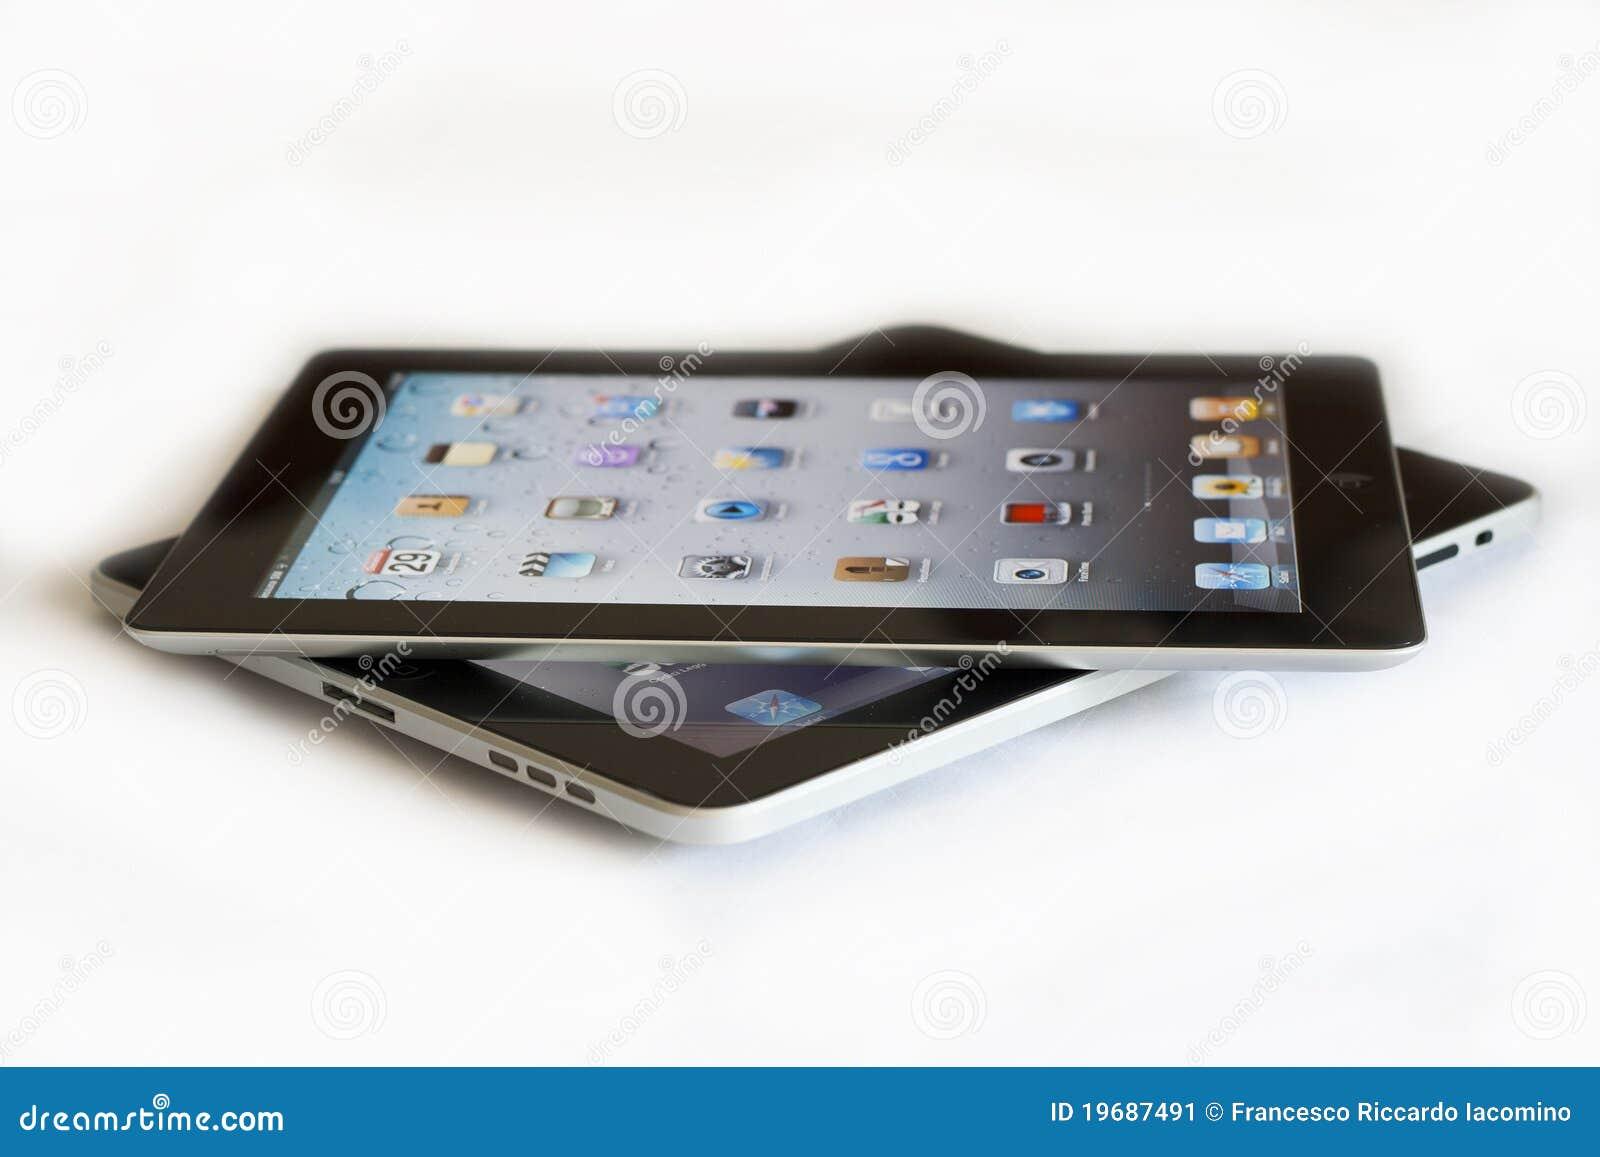 Apple Ipad 2 vs Ipad 1